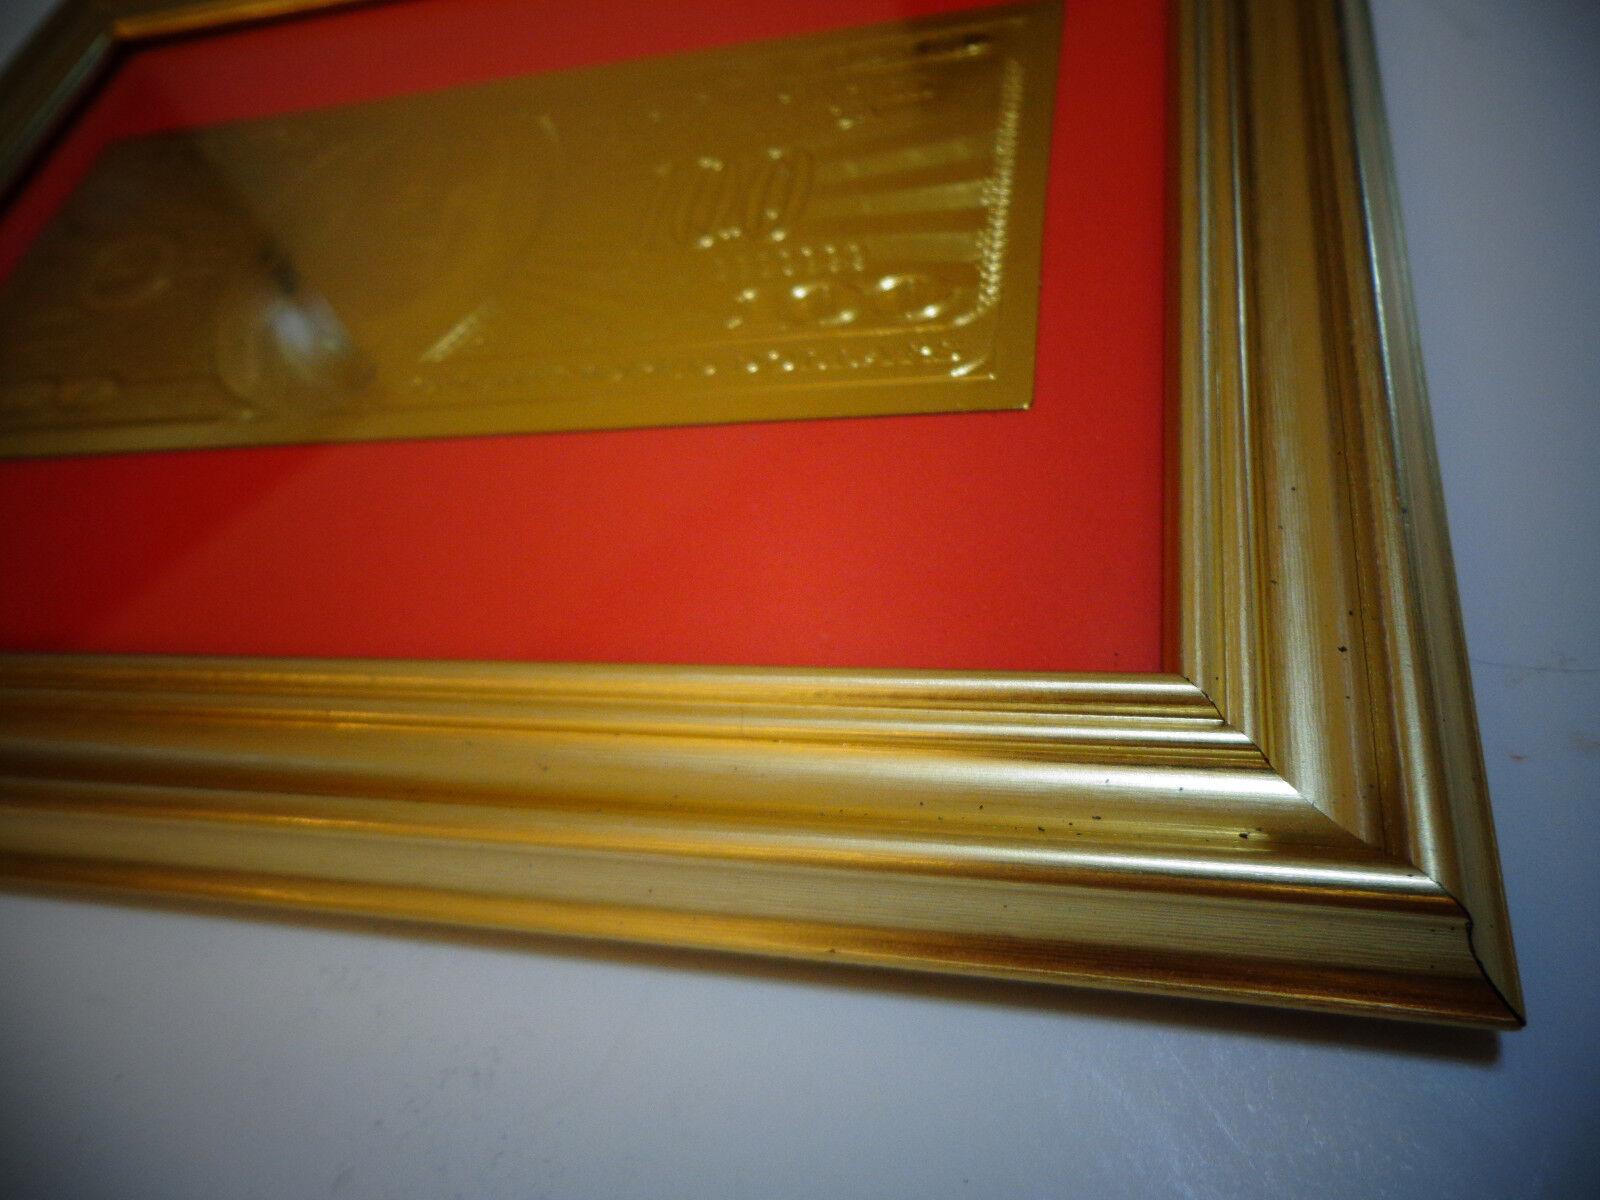 24 KARAT 999.9/% GOLD USA *2009 *$10 DOLLAR BILL-FRAMED RARE LIMITED PRODUCTION